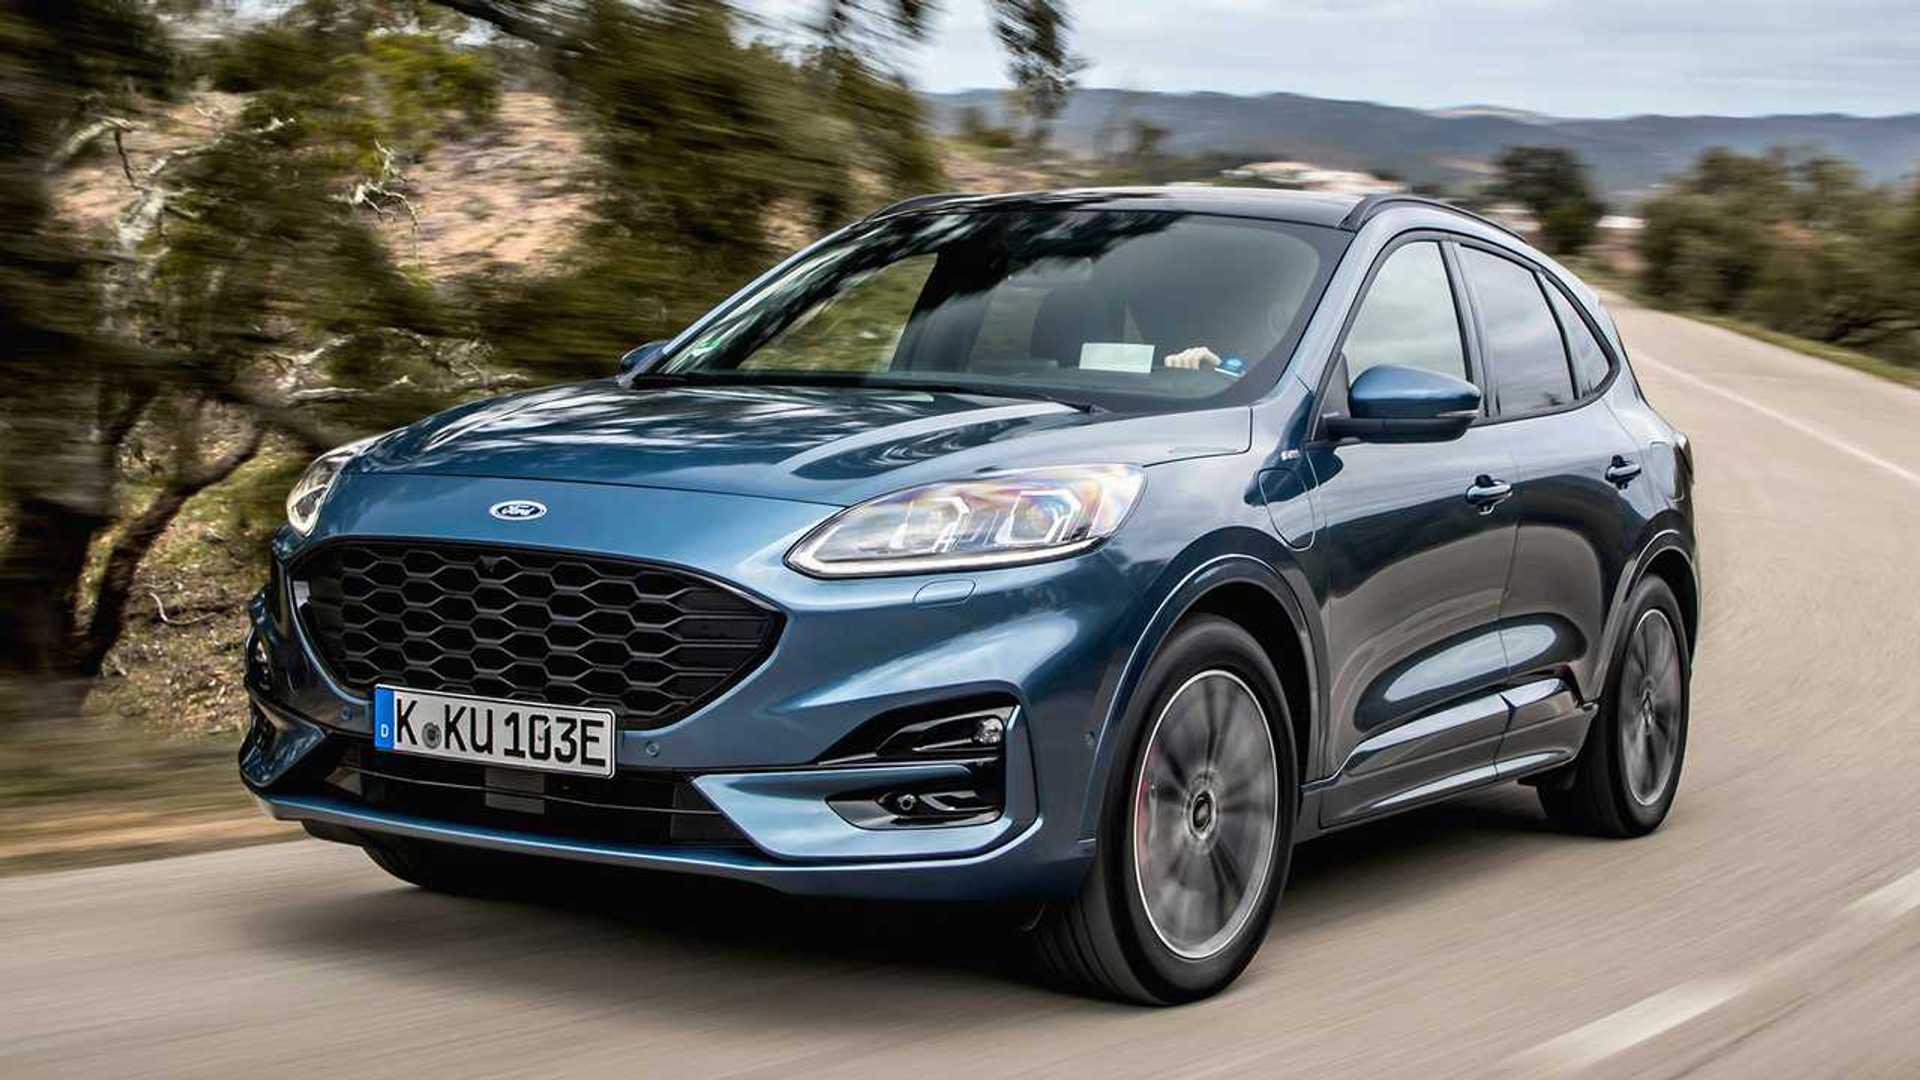 Ford Kuga 2020 Die Preise Beginnen Bei 26 300 Euro